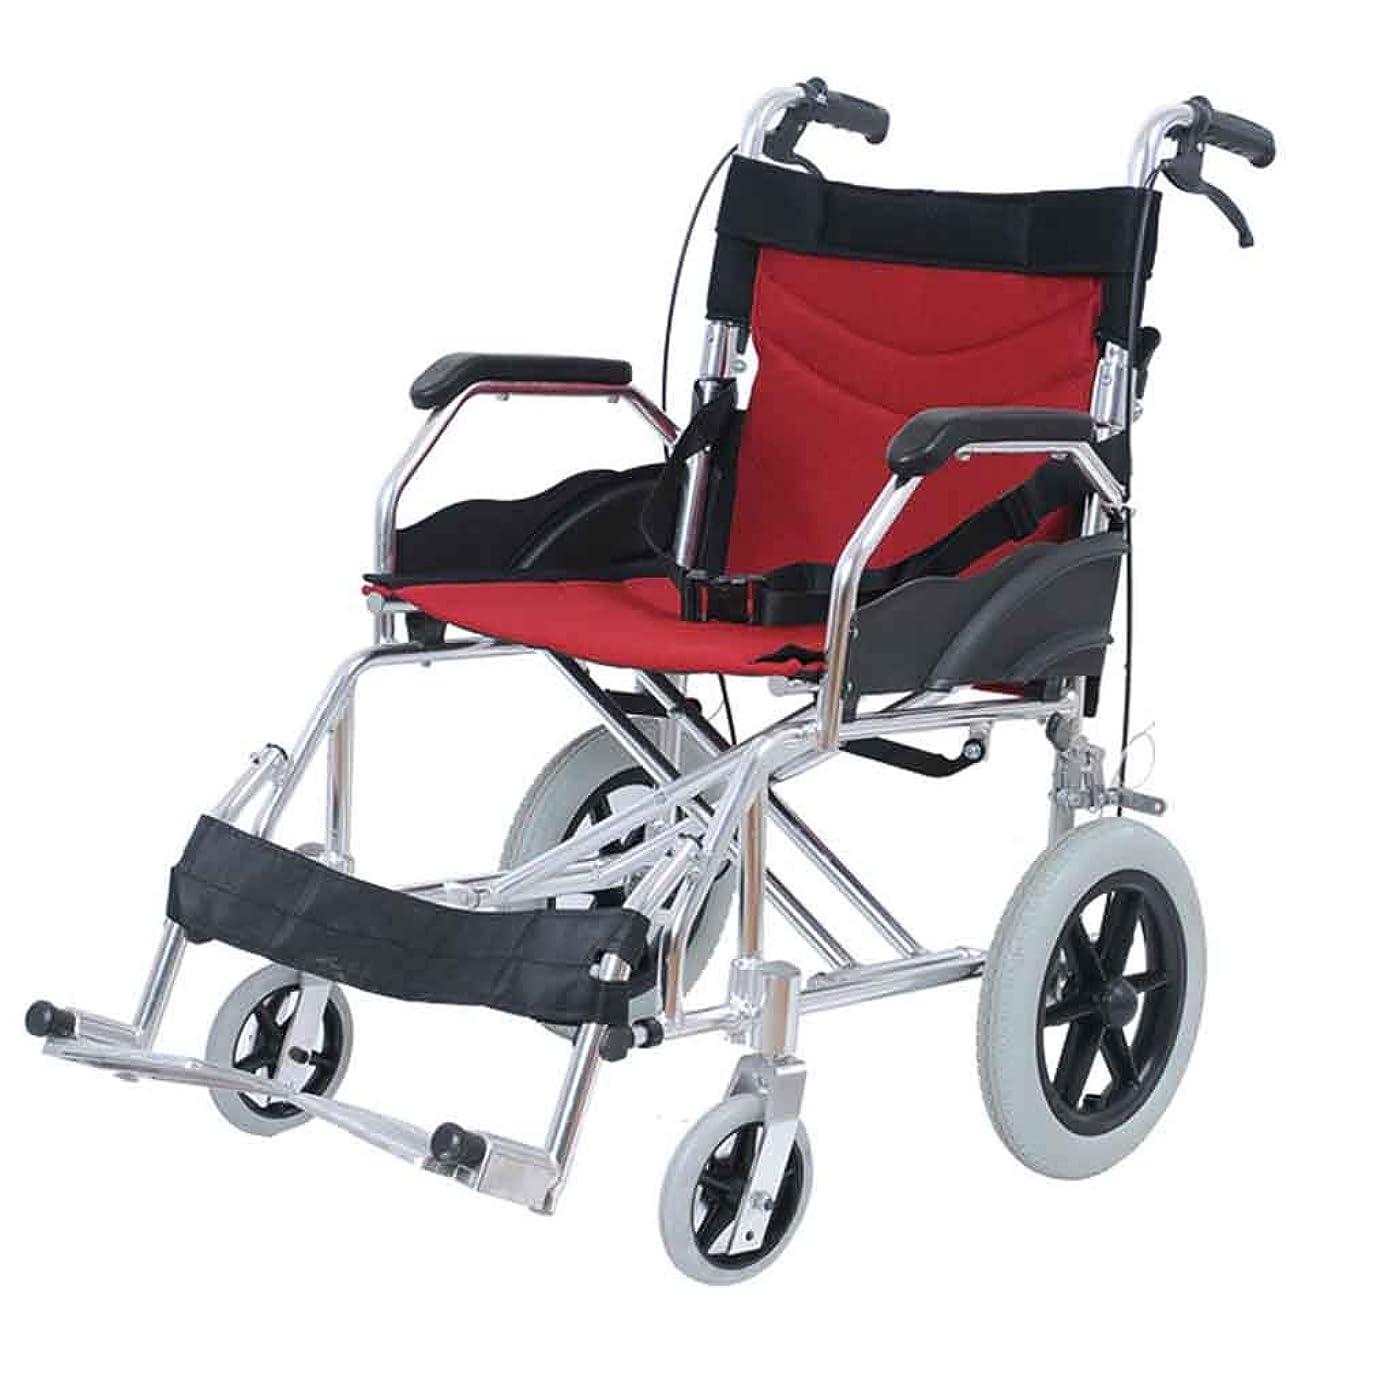 南時間とともに検閲自走式車椅子、アルミ折りたたみ車椅子、18インチ席、多機能、軽量、家族での屋外使用に適したポータブル車椅子